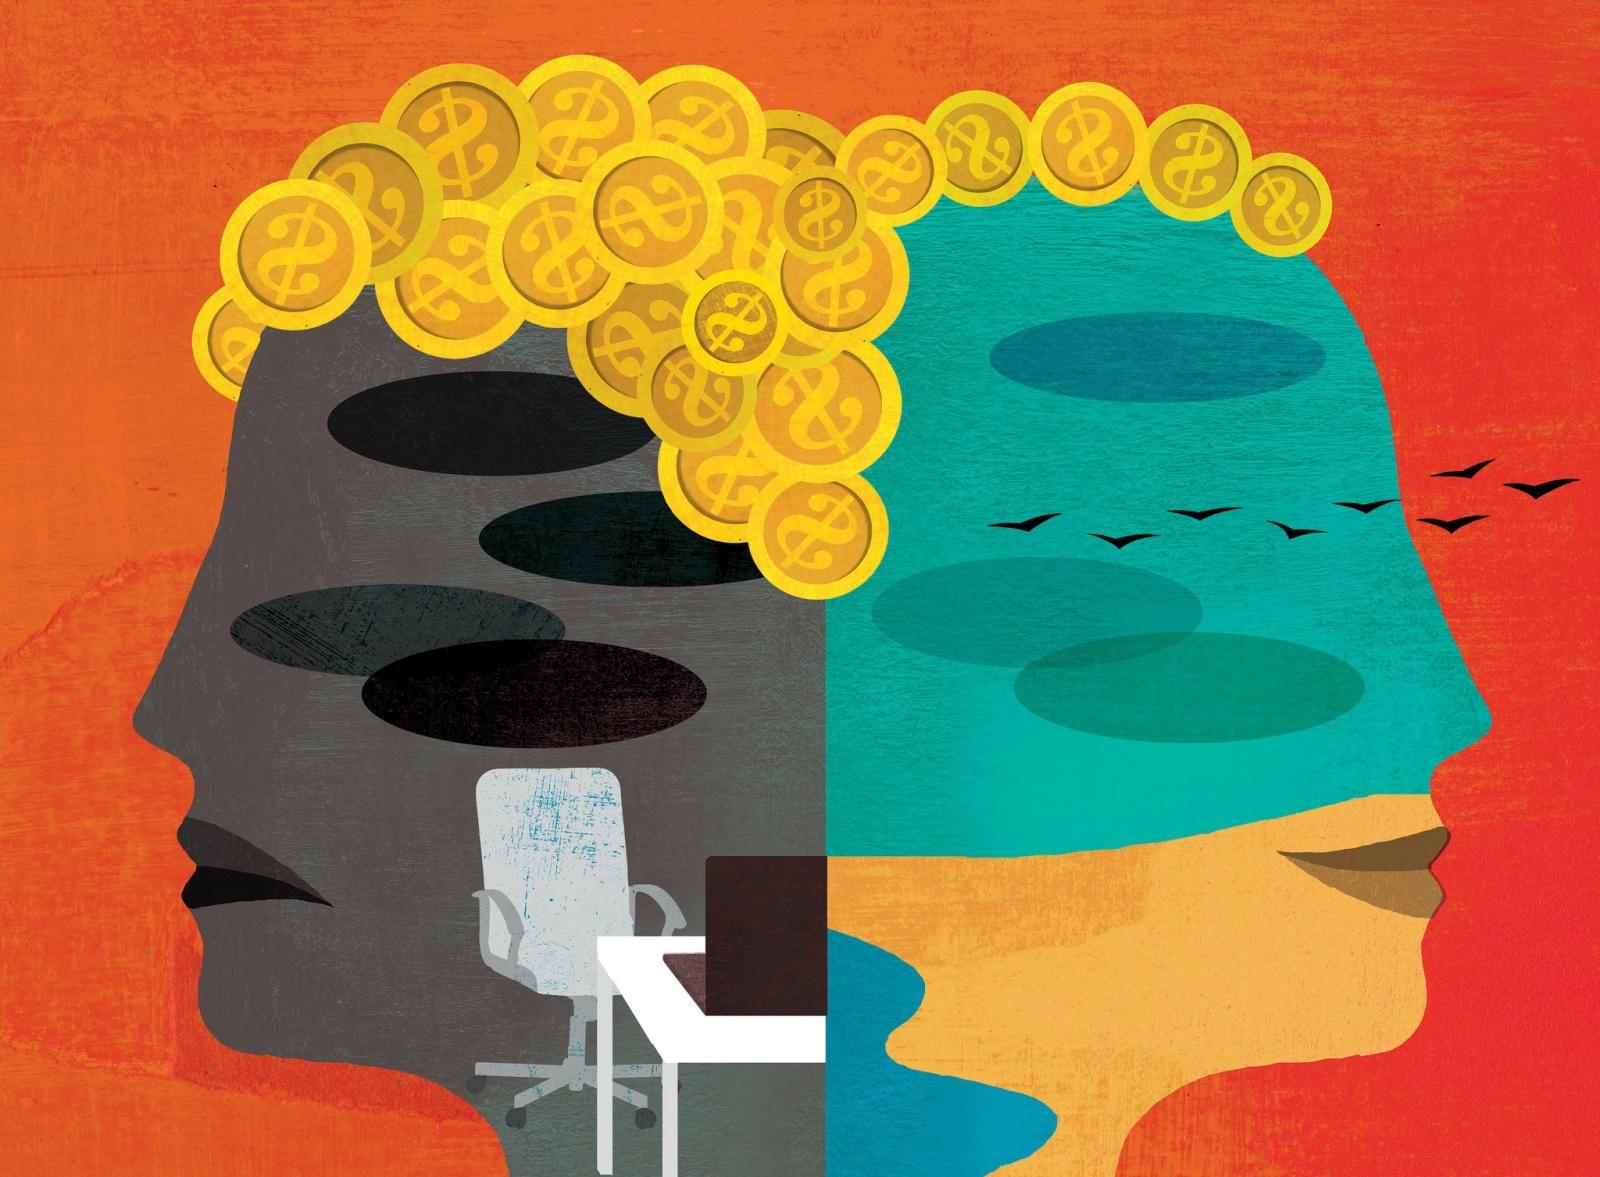 Как уйти на пенсию до 40 лет с миллионом долларов на счету в банке - 1